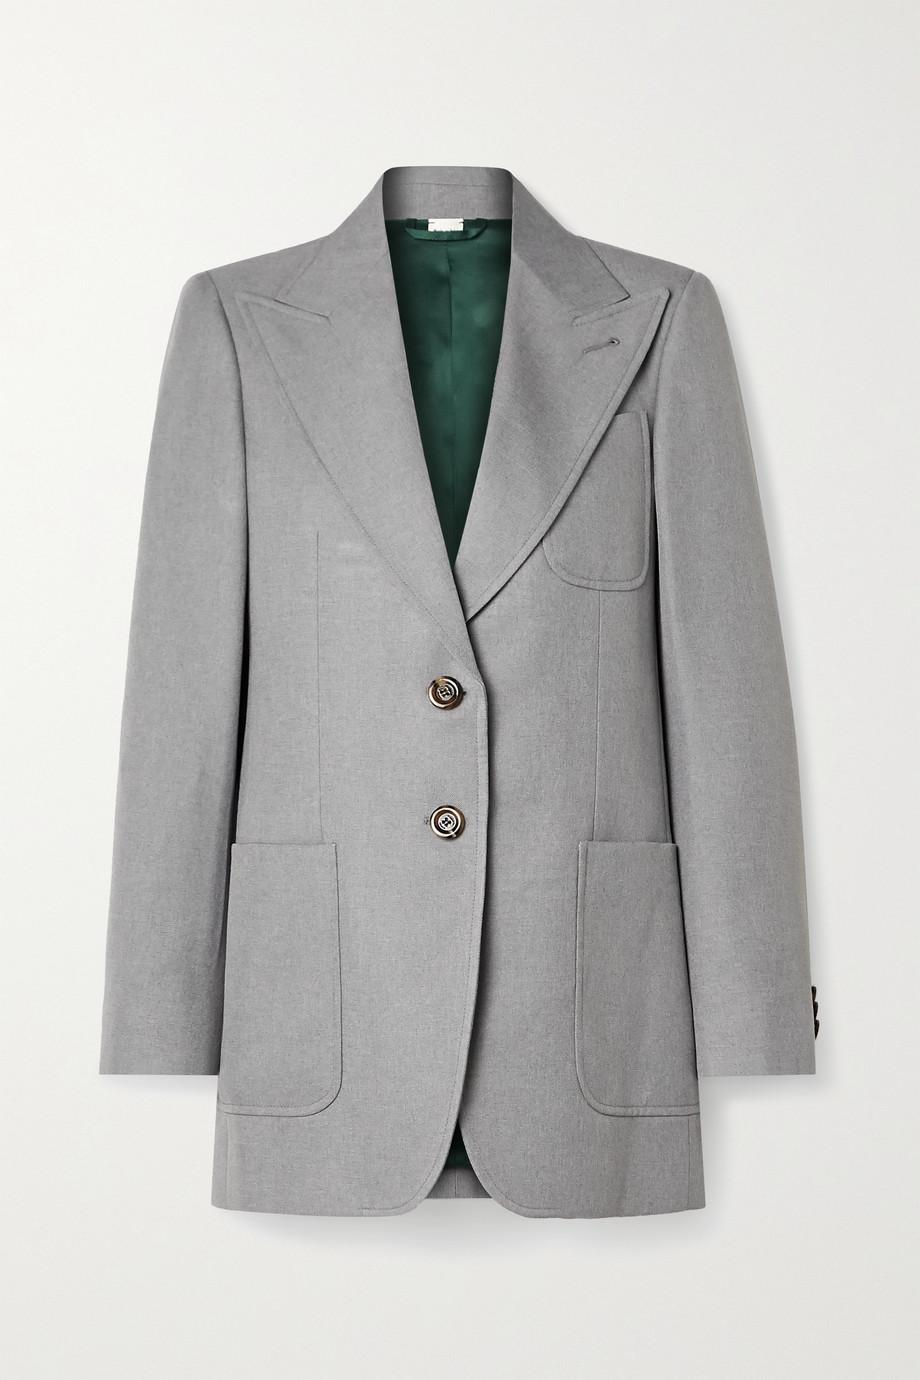 Gucci 大廓形梭织西装外套